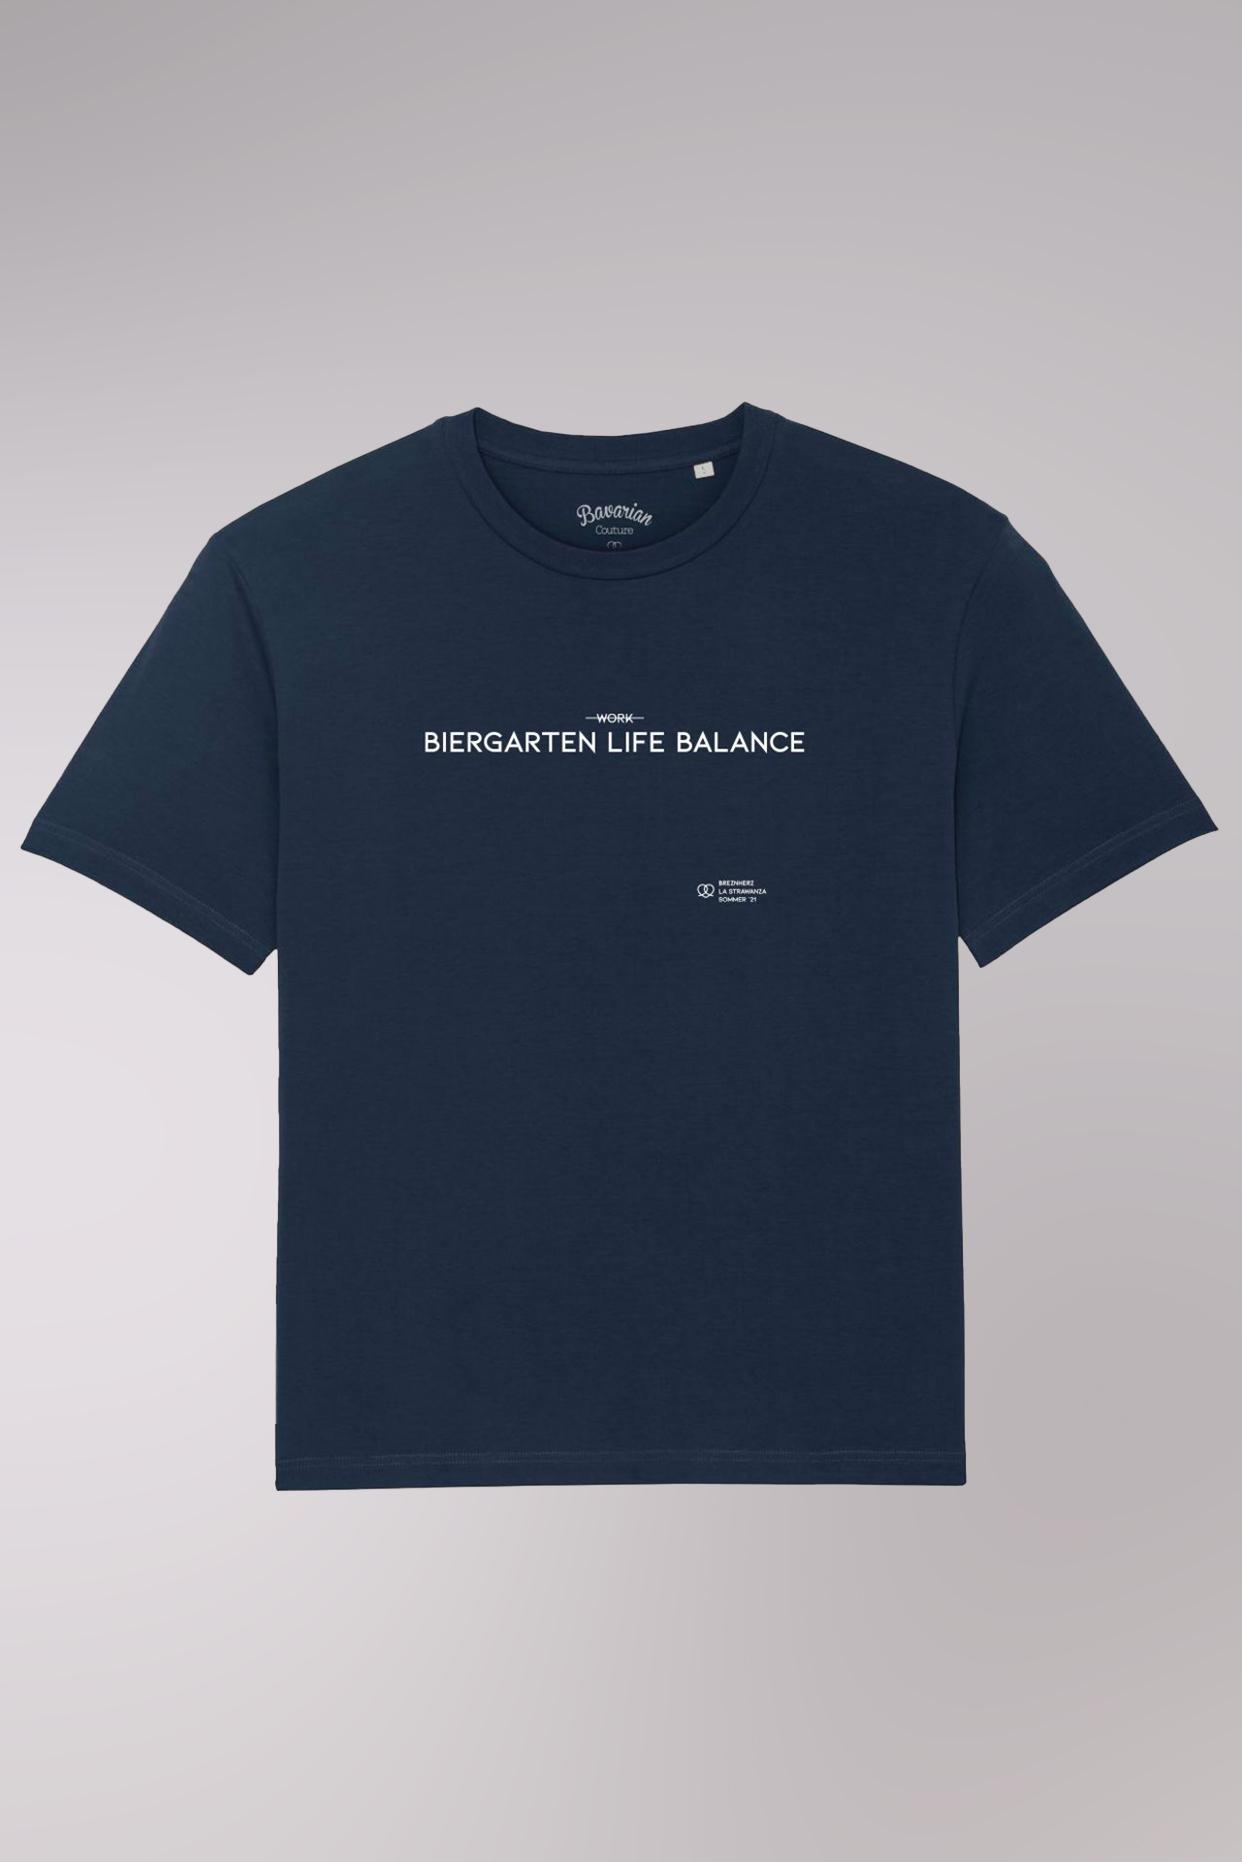 Biergarten Life Balance T-Shirt